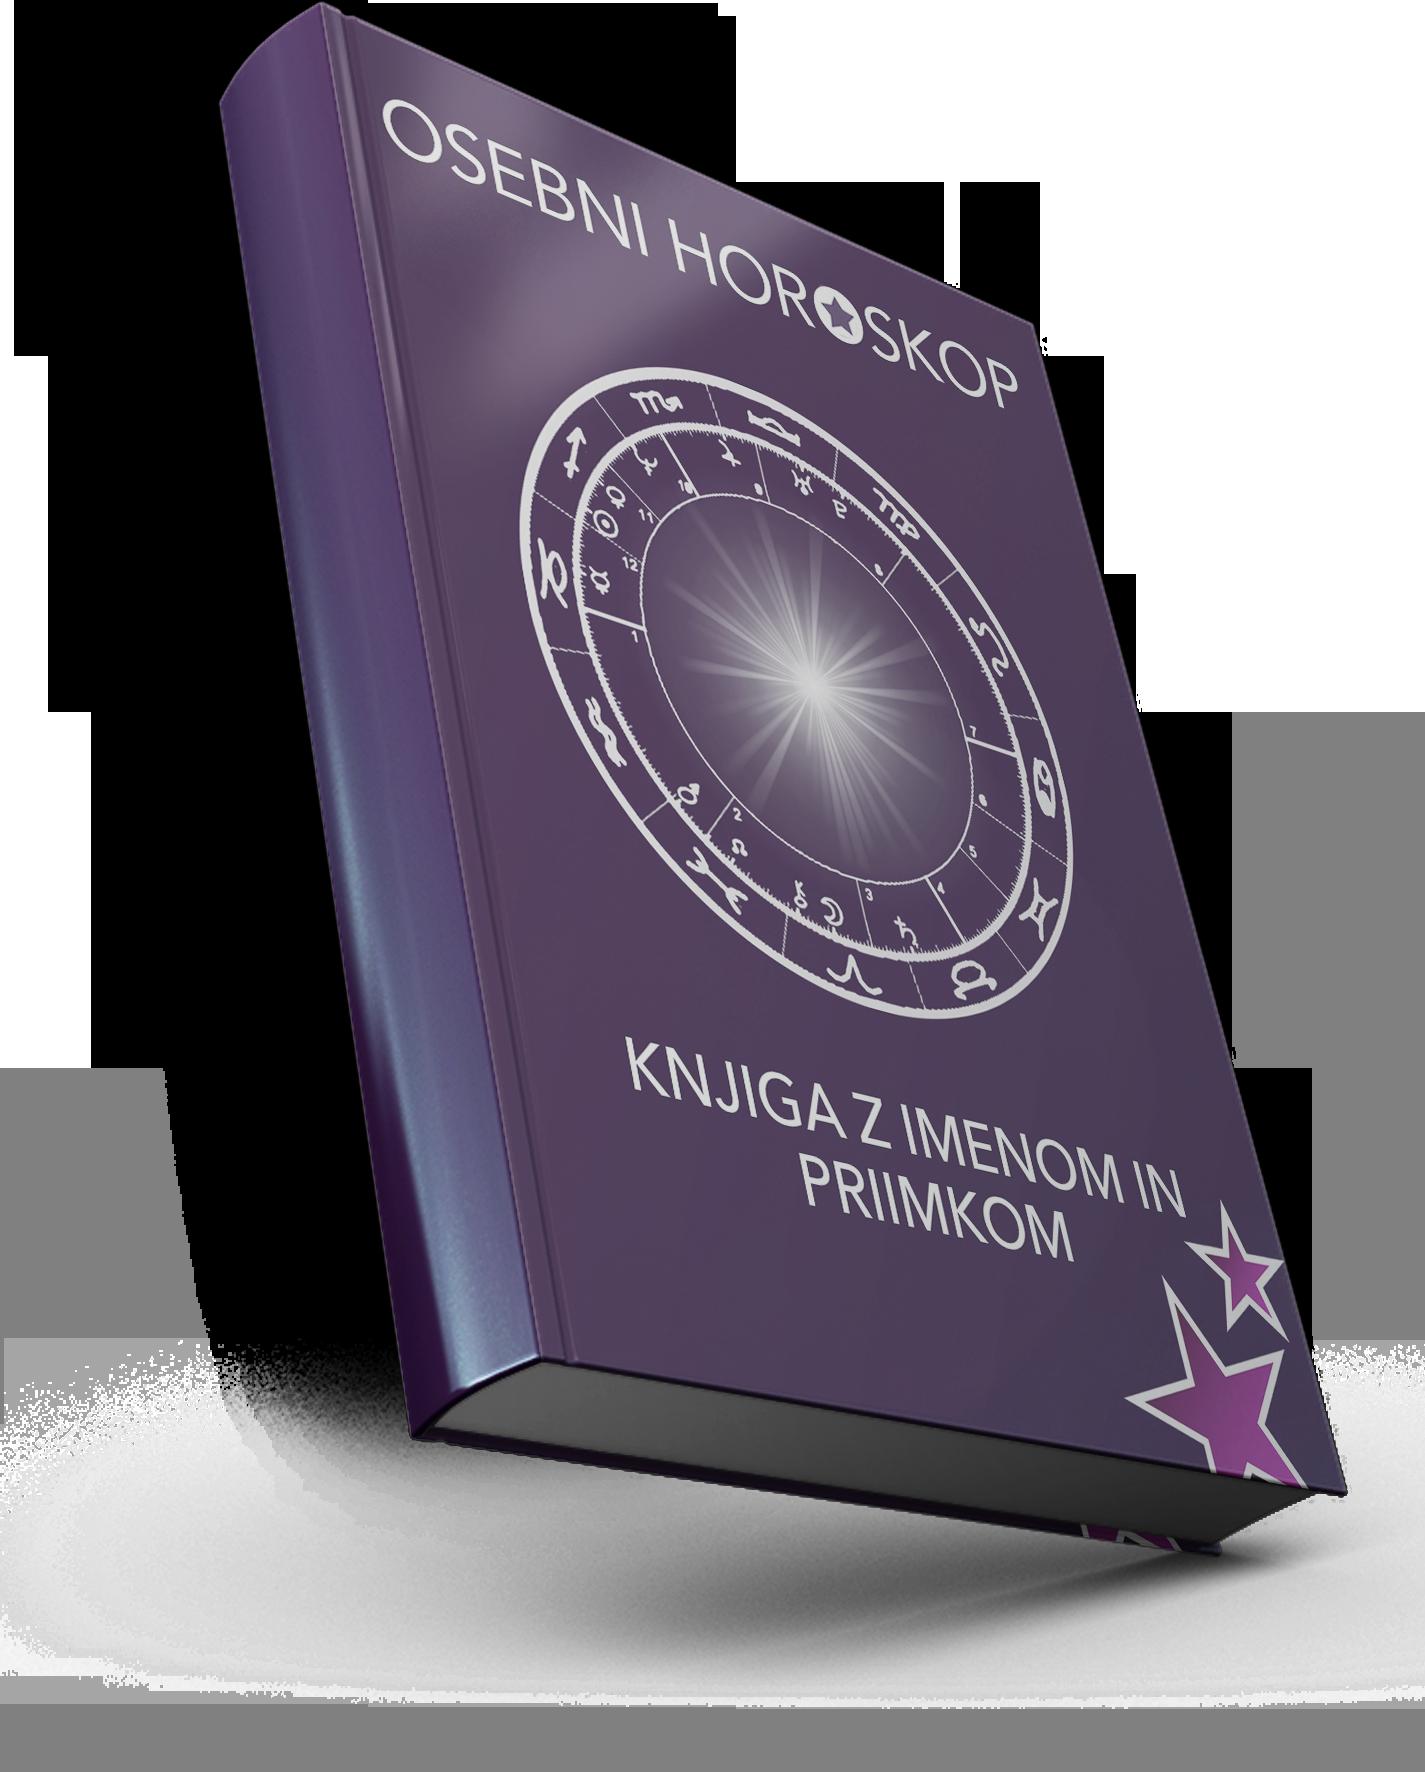 V knjigi osebni horoskop so zajete vedeževalske tehnike, astrologija in osebni individualni vpogled v vašo rojstno natalno karto.